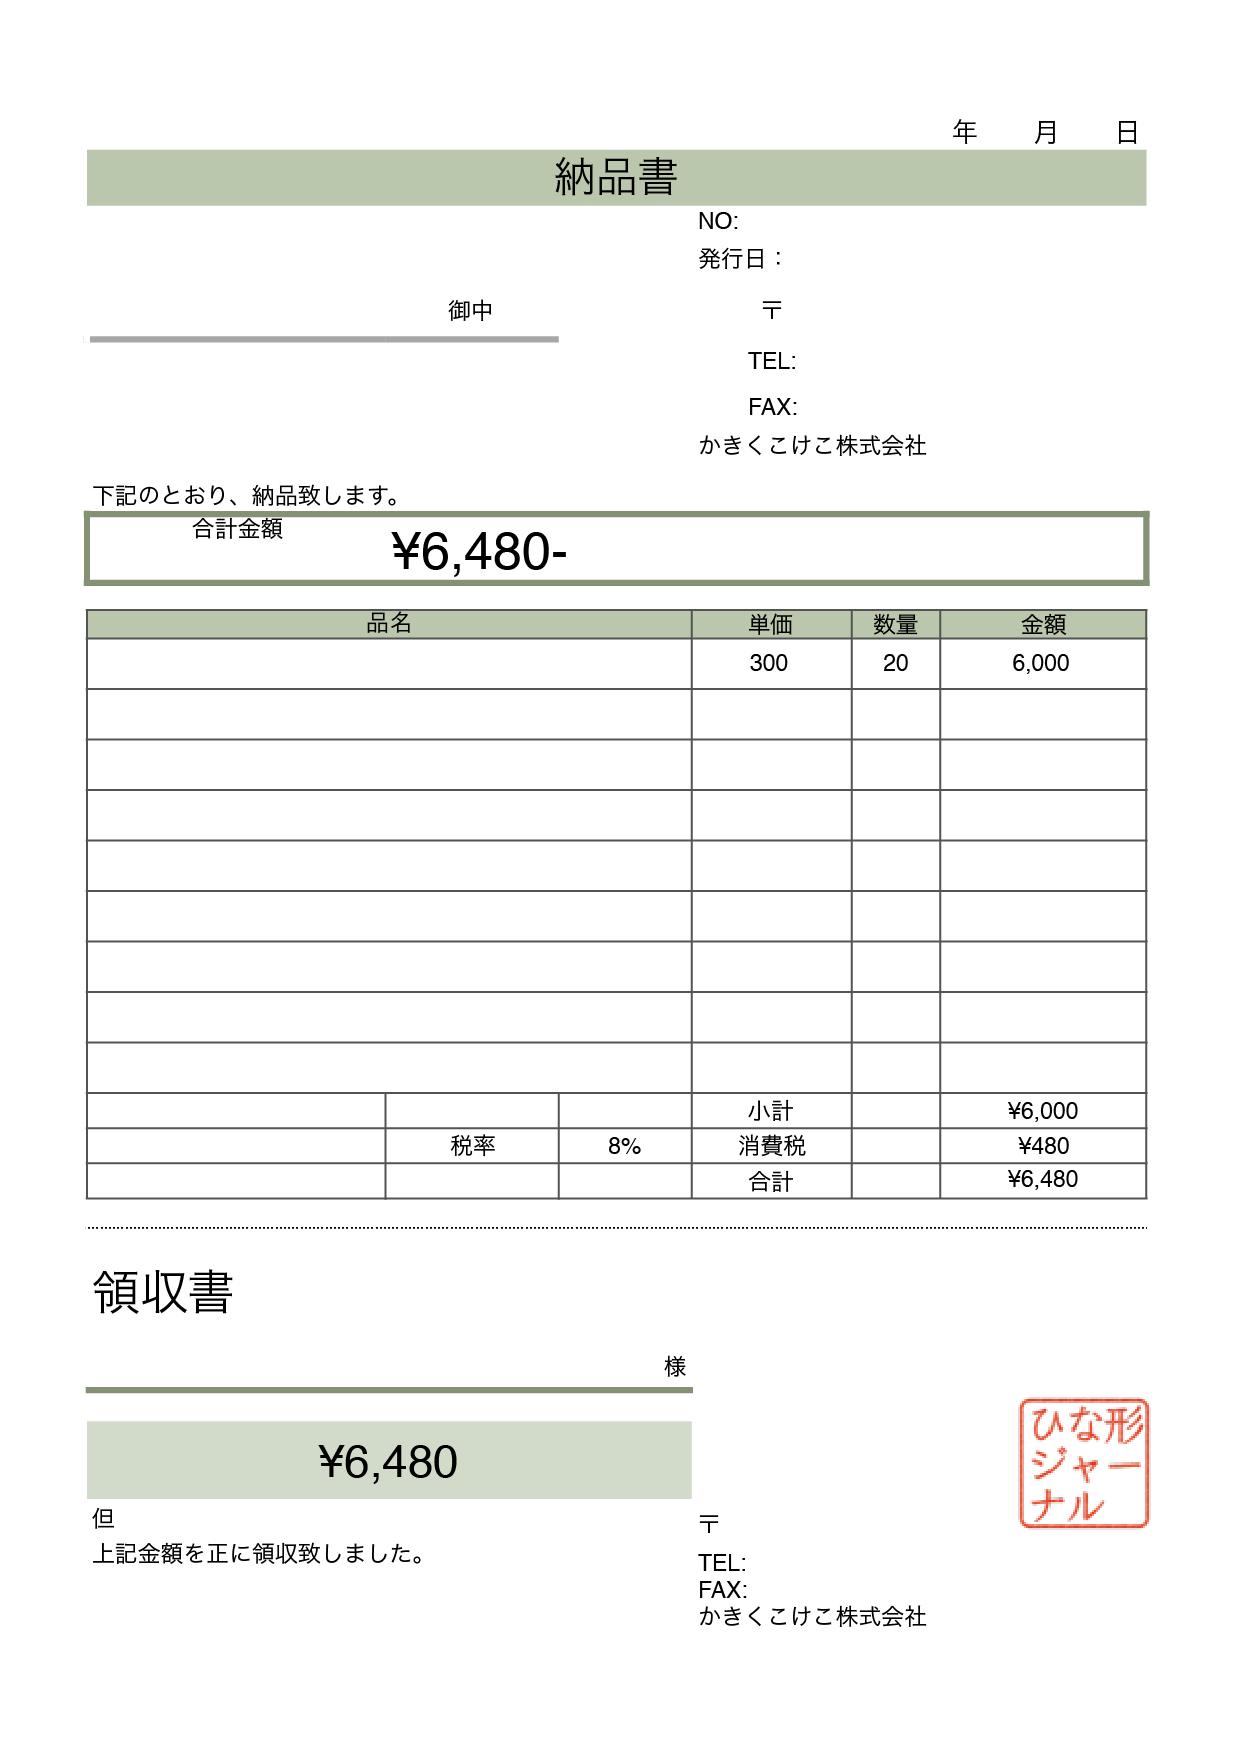 納品書 領収書一体型のテンプレート さわやかグリーン(ナンバーズ、エクセル)